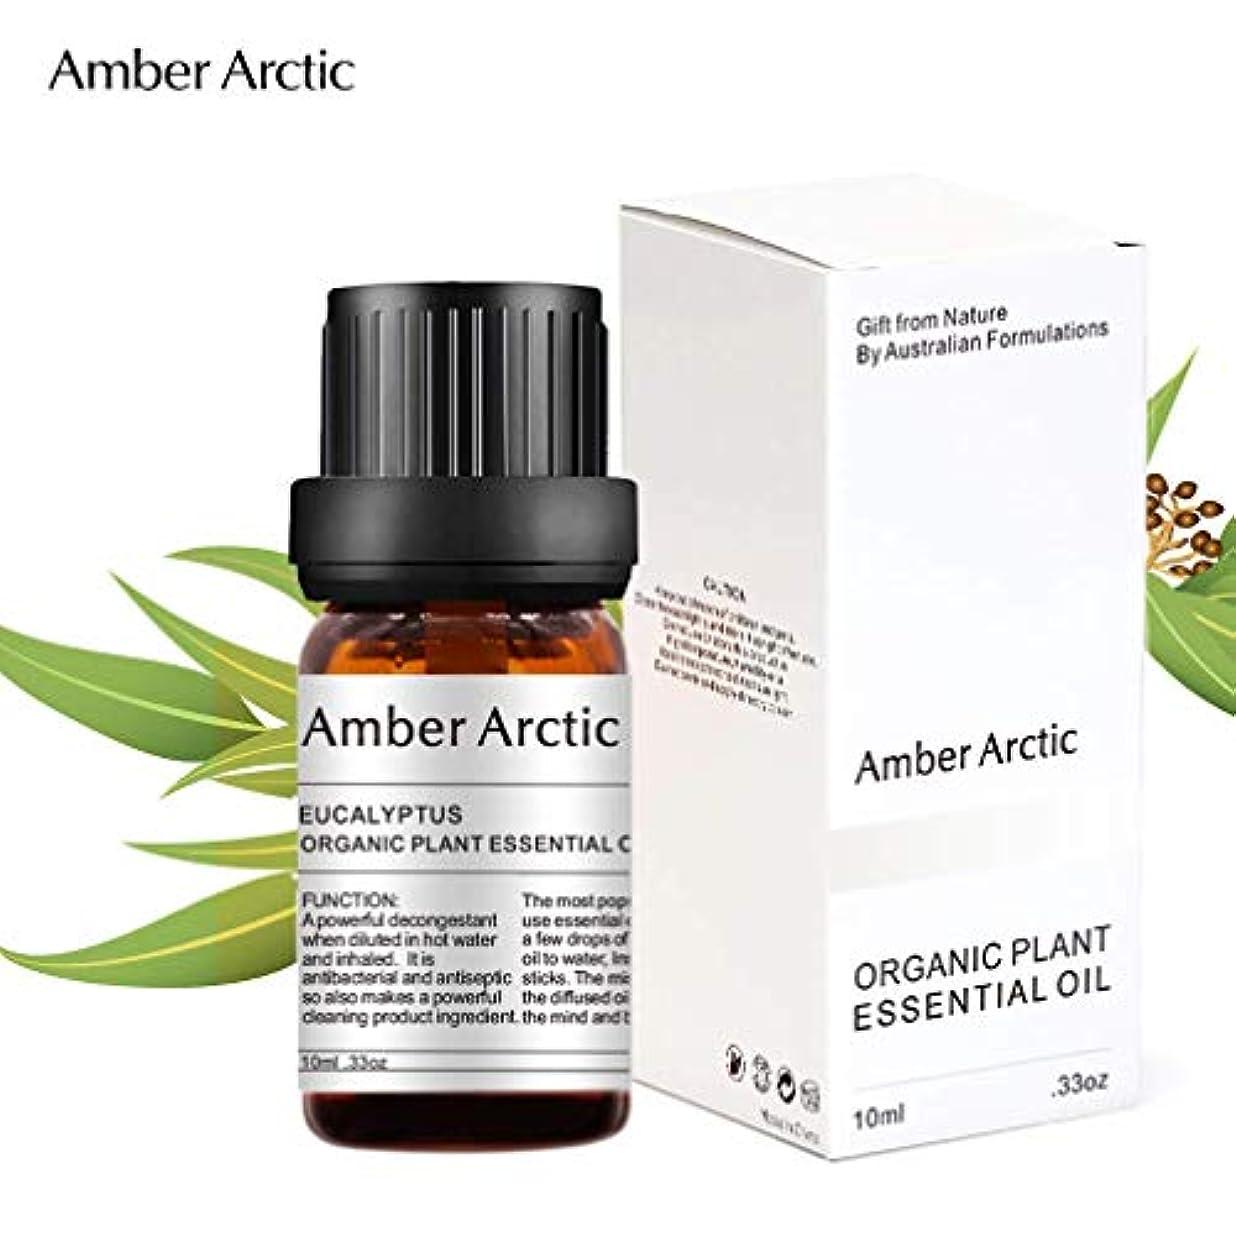 唇トレッド締めるAmber Arctic ユーカリ エッセンシャル オイル、 ディフューザー 用 100% 純粋 天然 アロマ ユーカリ オイル (10ミリリットル)